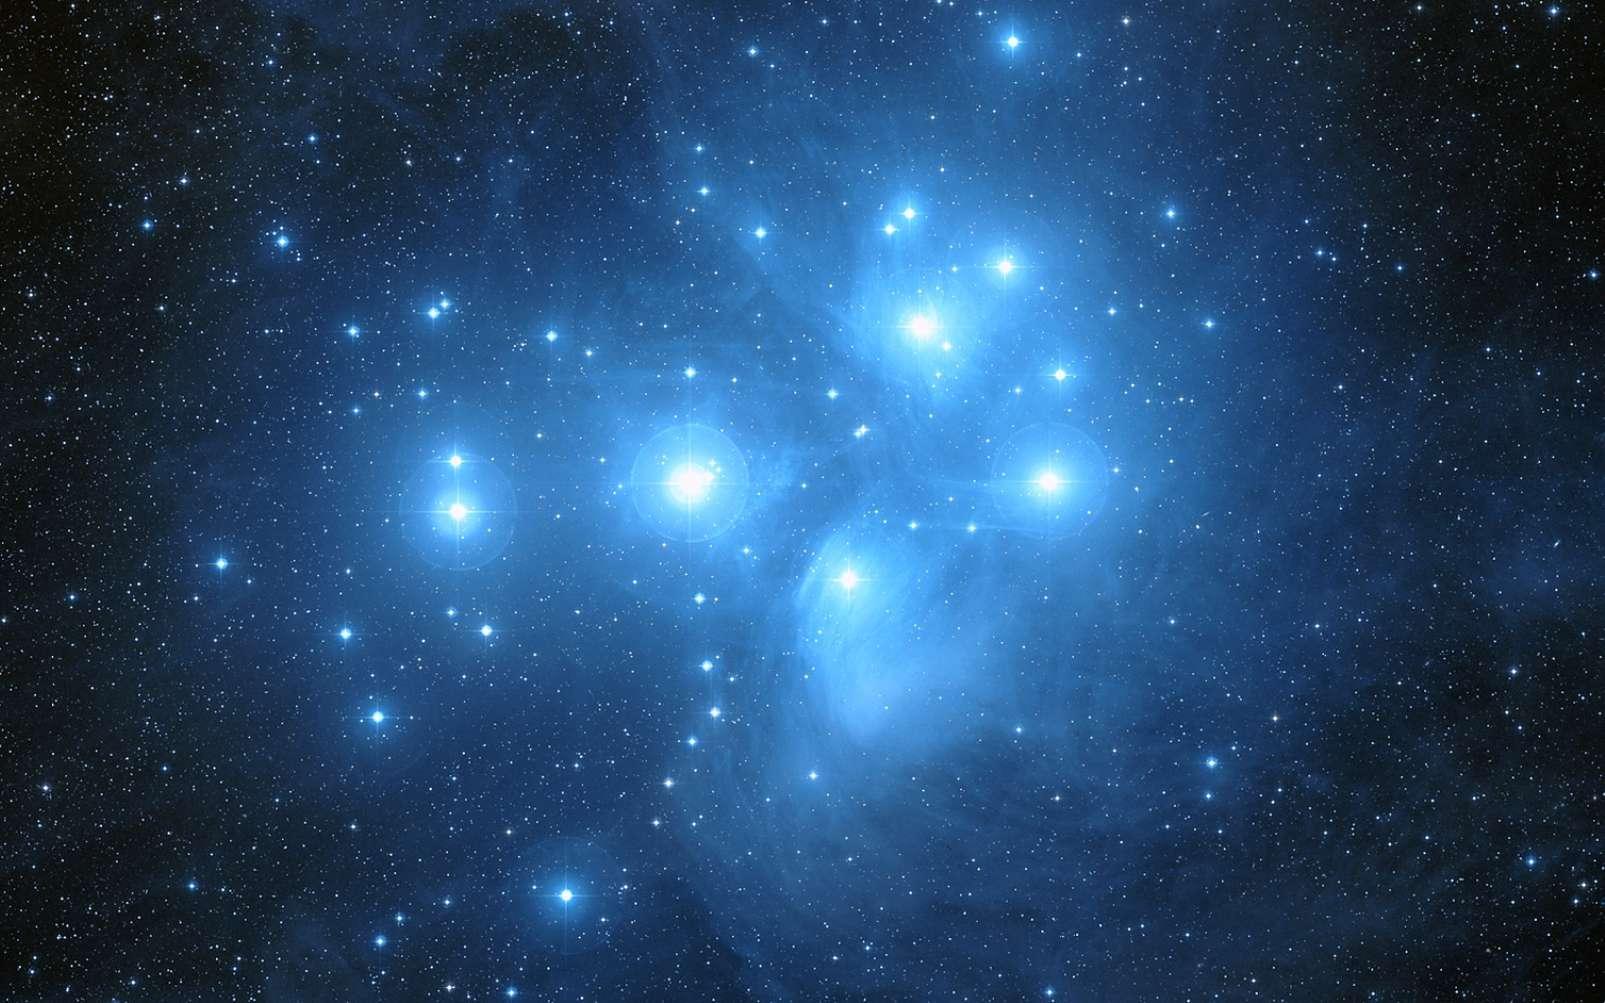 Le 3 avril, Vénus passera au plus près d'Alcyone, l'étoile la plus brillante des Pléiades. © SkySafari